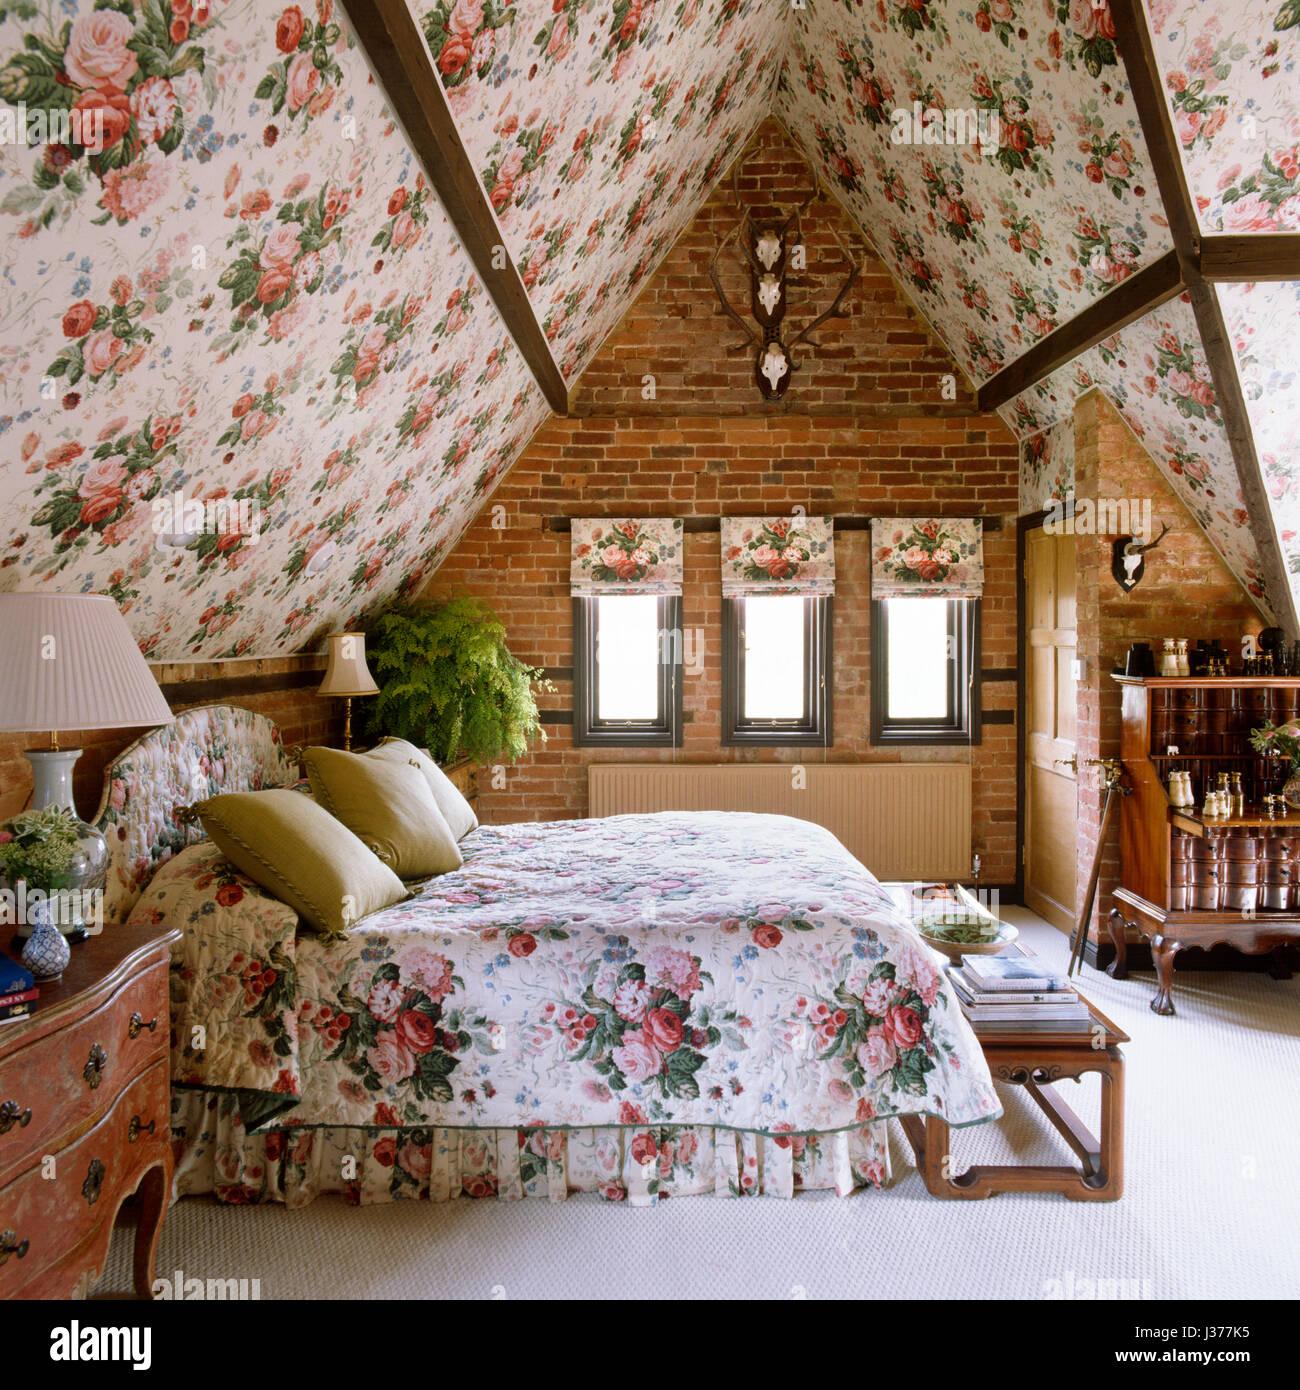 Stile Edoardiano camera da letto con motivi floreali e soffitto di lenzuola. Immagini Stock